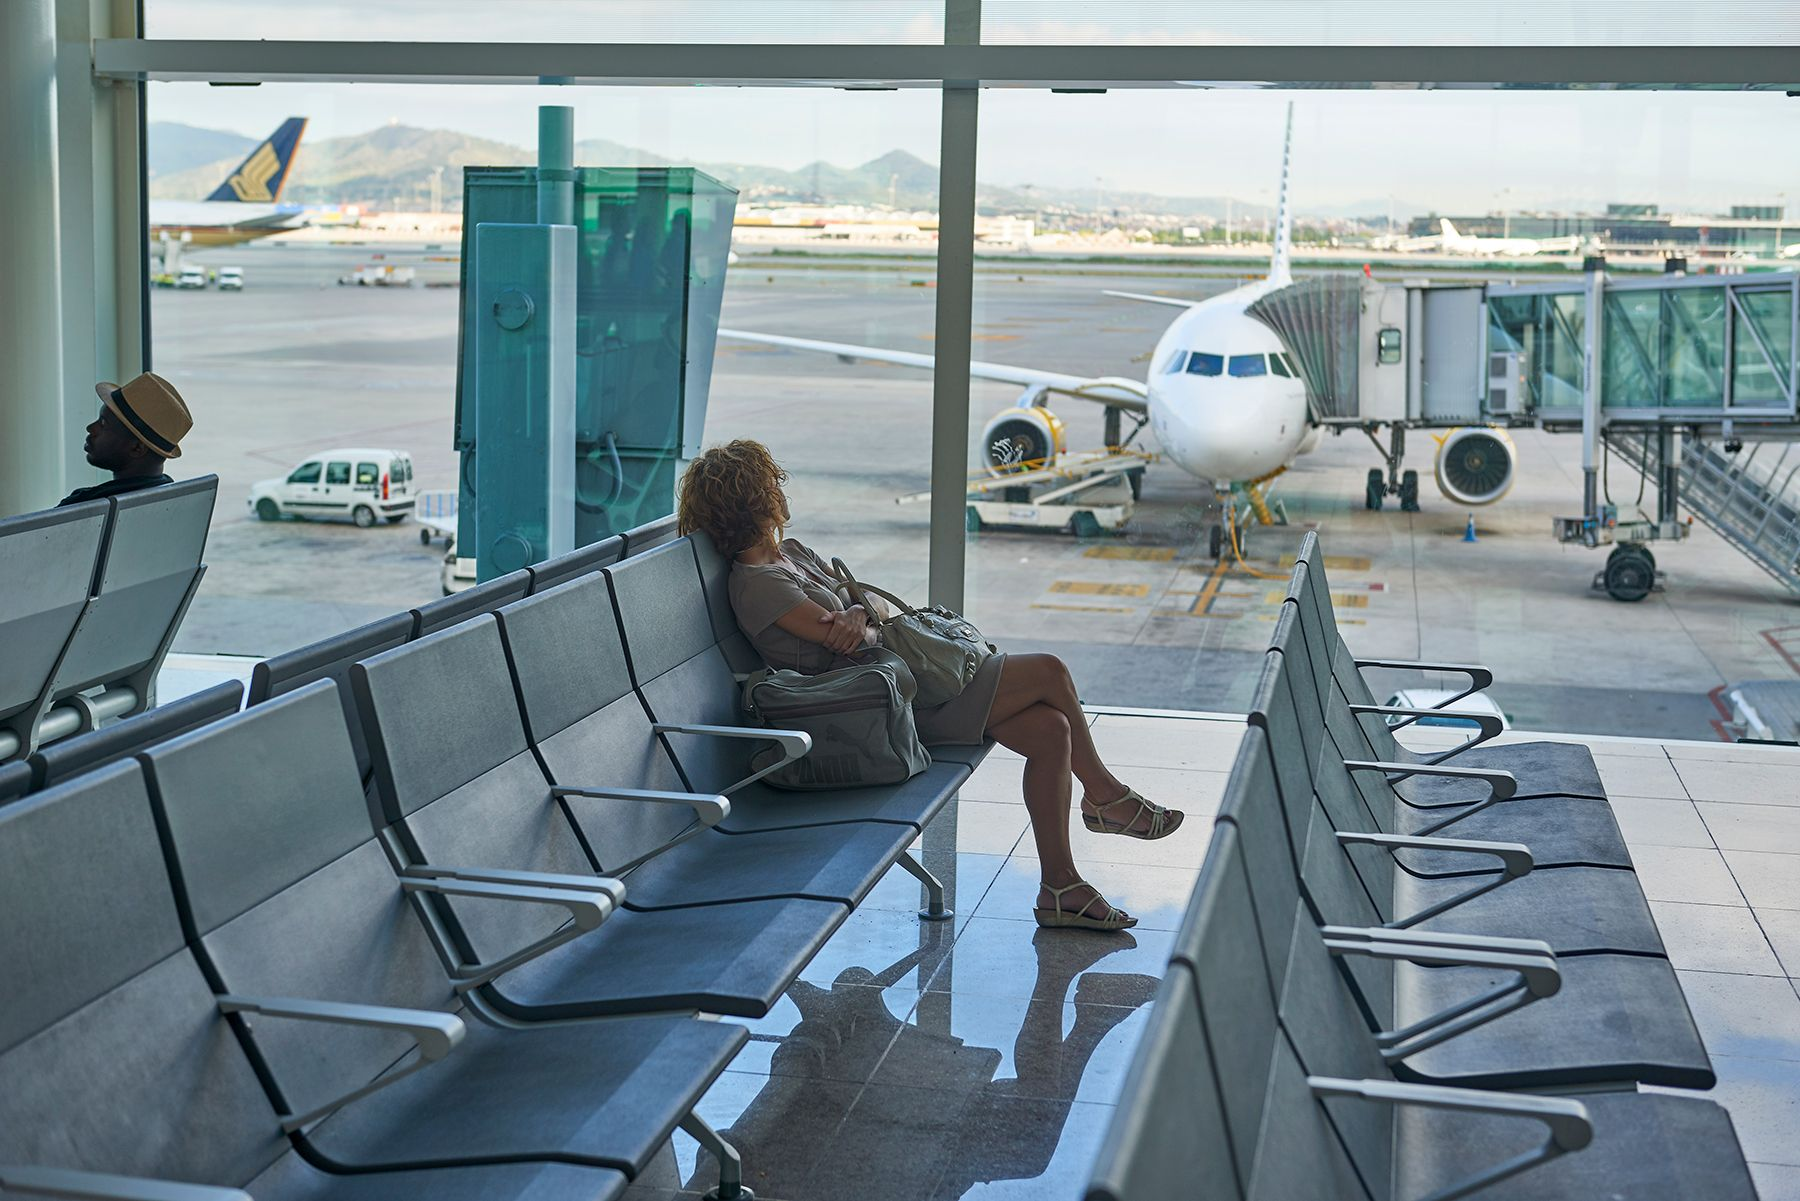 Aeropuertos 20 -en espera-